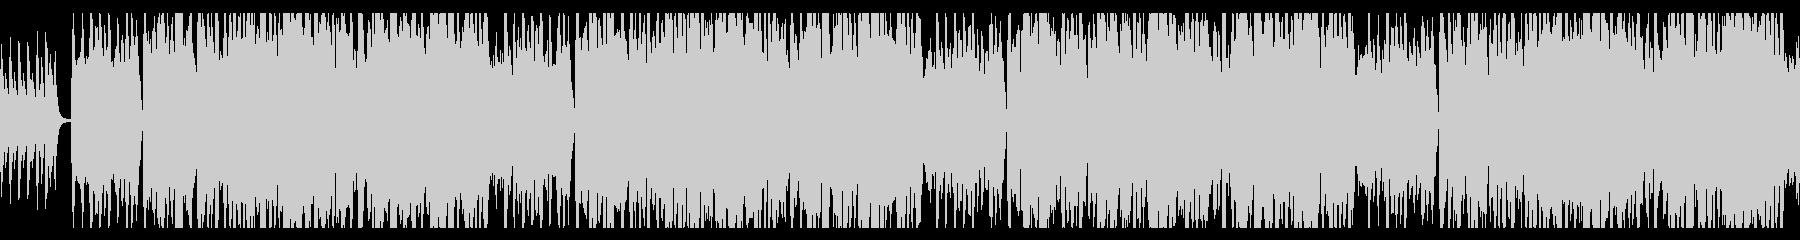 ループ 懐かしいバラード、ノスタルジーの未再生の波形